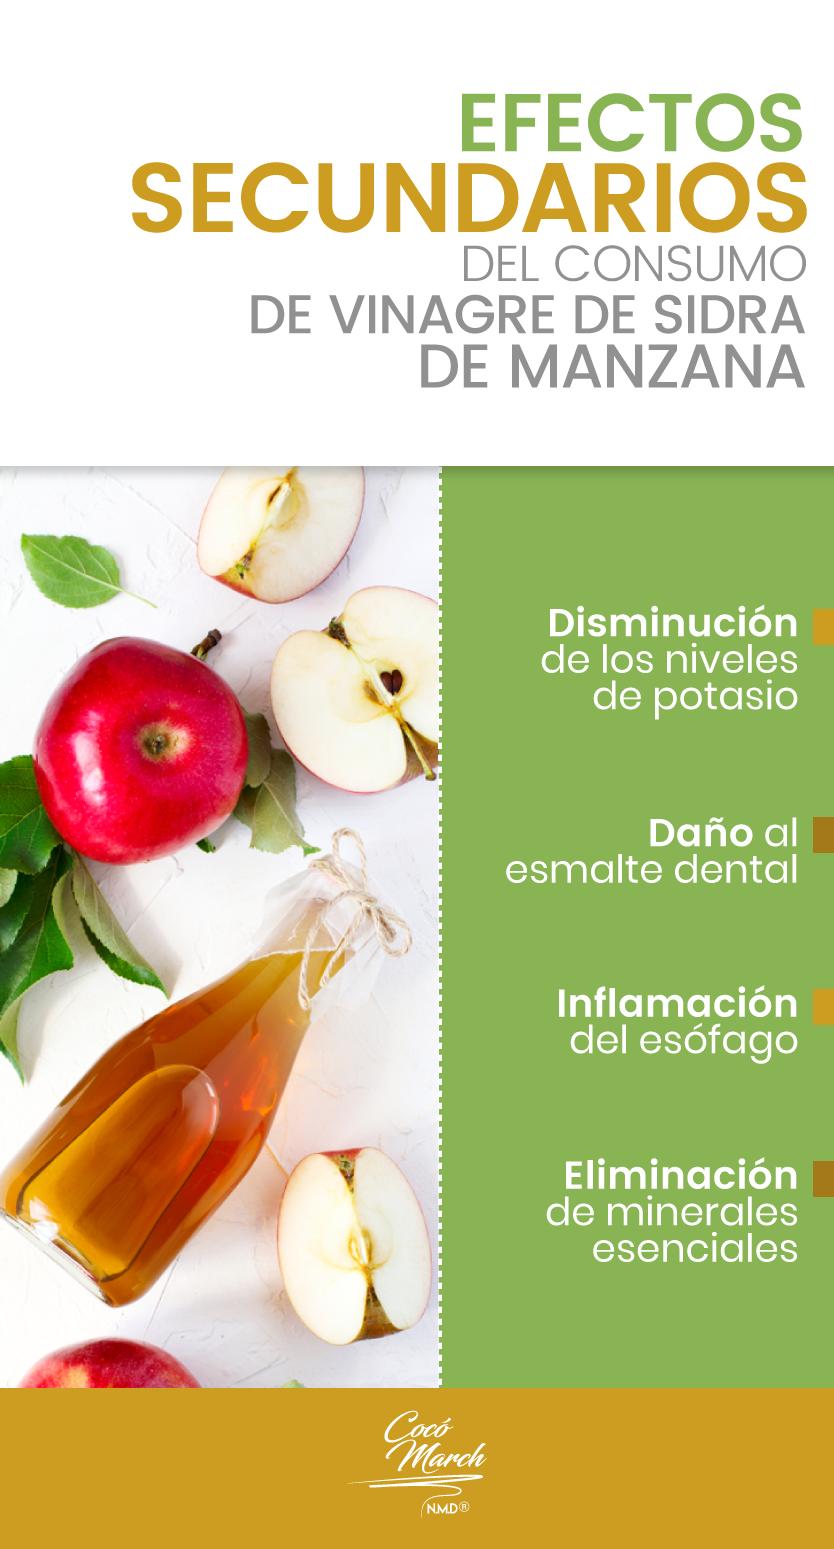 efectos-secundarios-del-consumo-de-vinagre-de-sidra-de-manzana